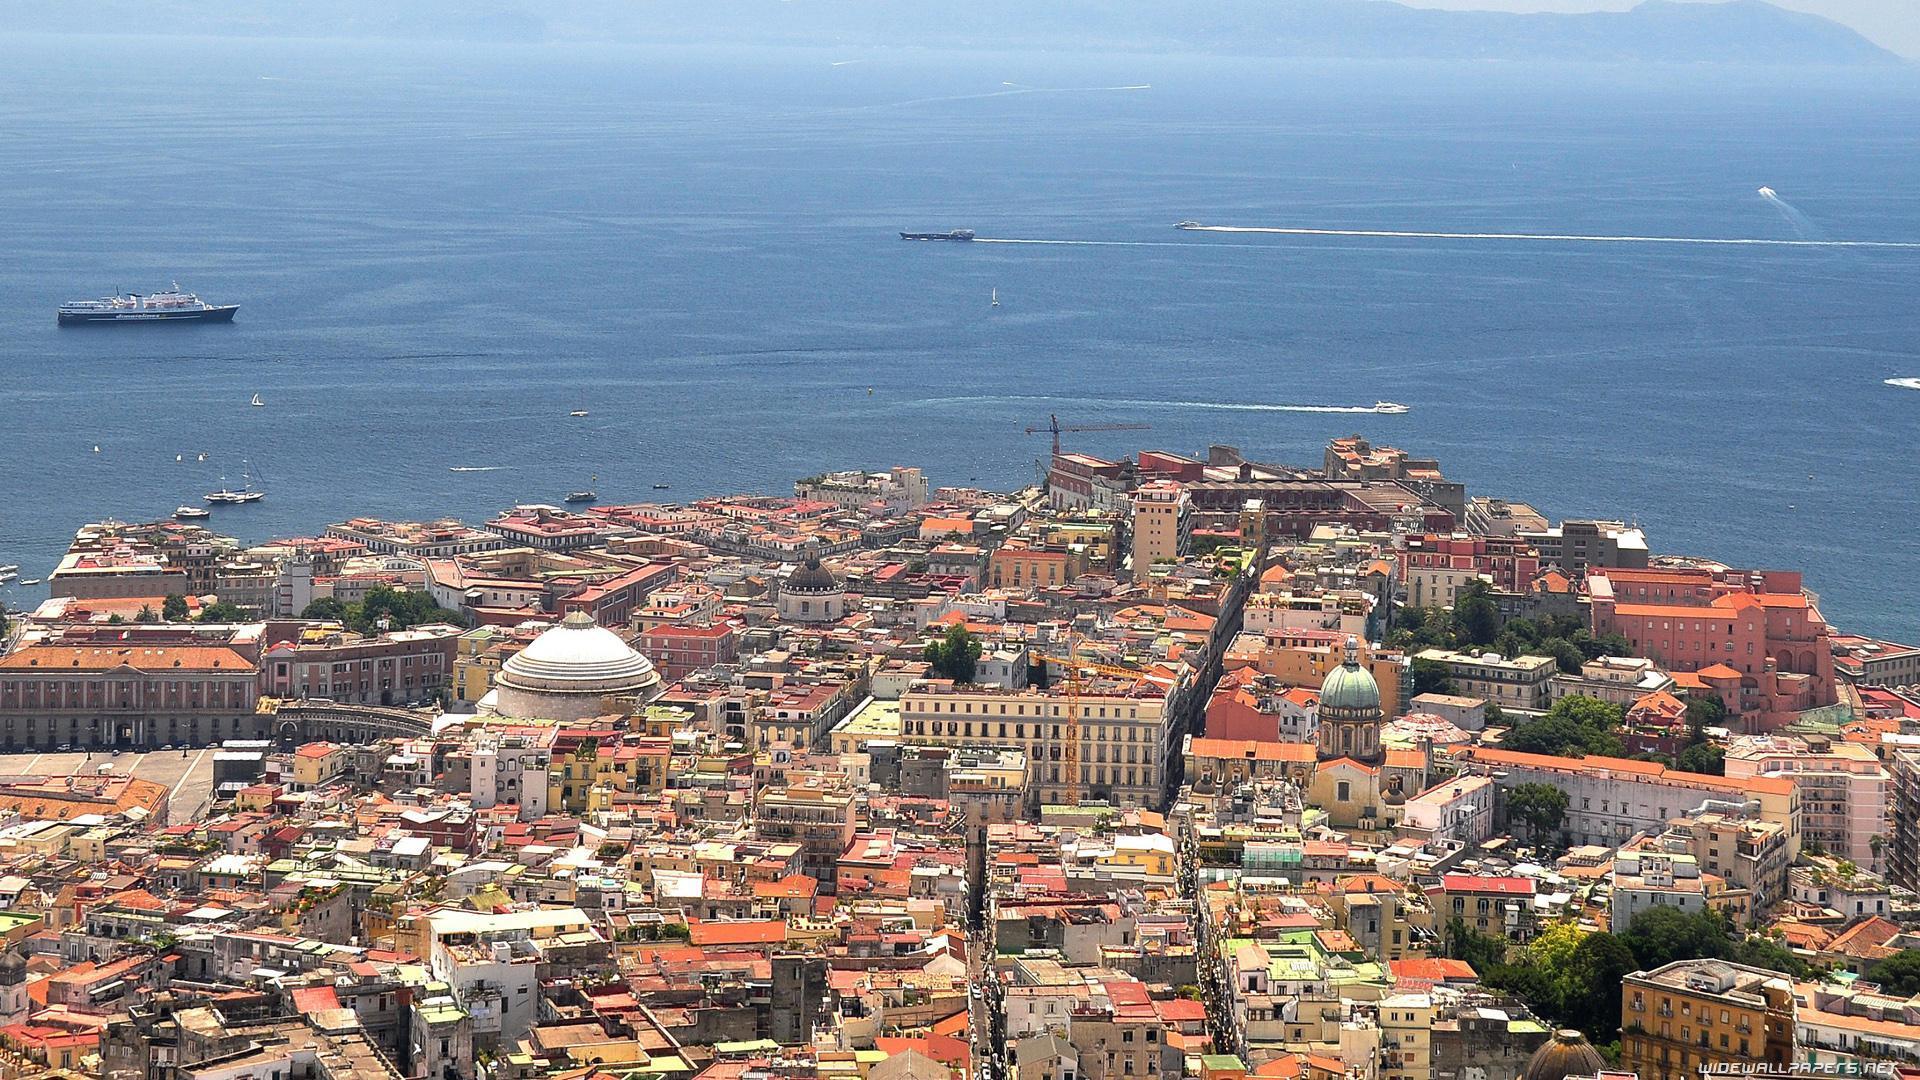 Previsioni Meteo Napoli Stabile E Mite Che Temperature